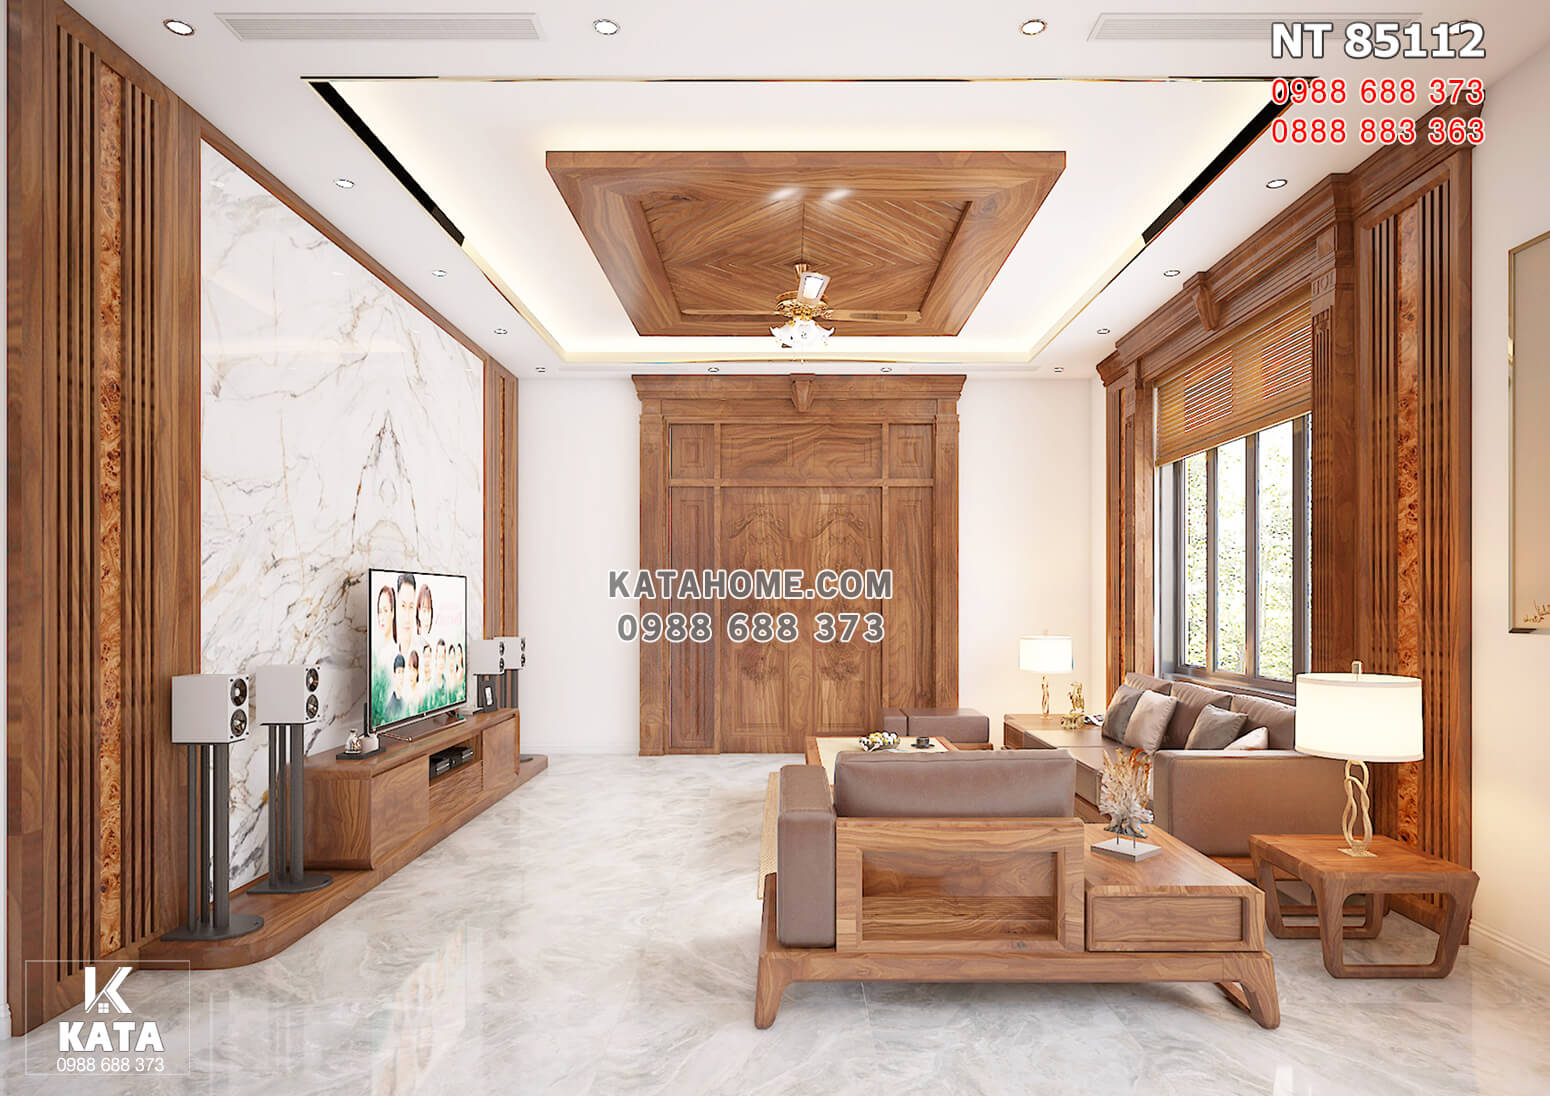 Hình ảnh: Thiết kế nội thất phòng khách với gỗ óc chó nhập khẩu cao cấp